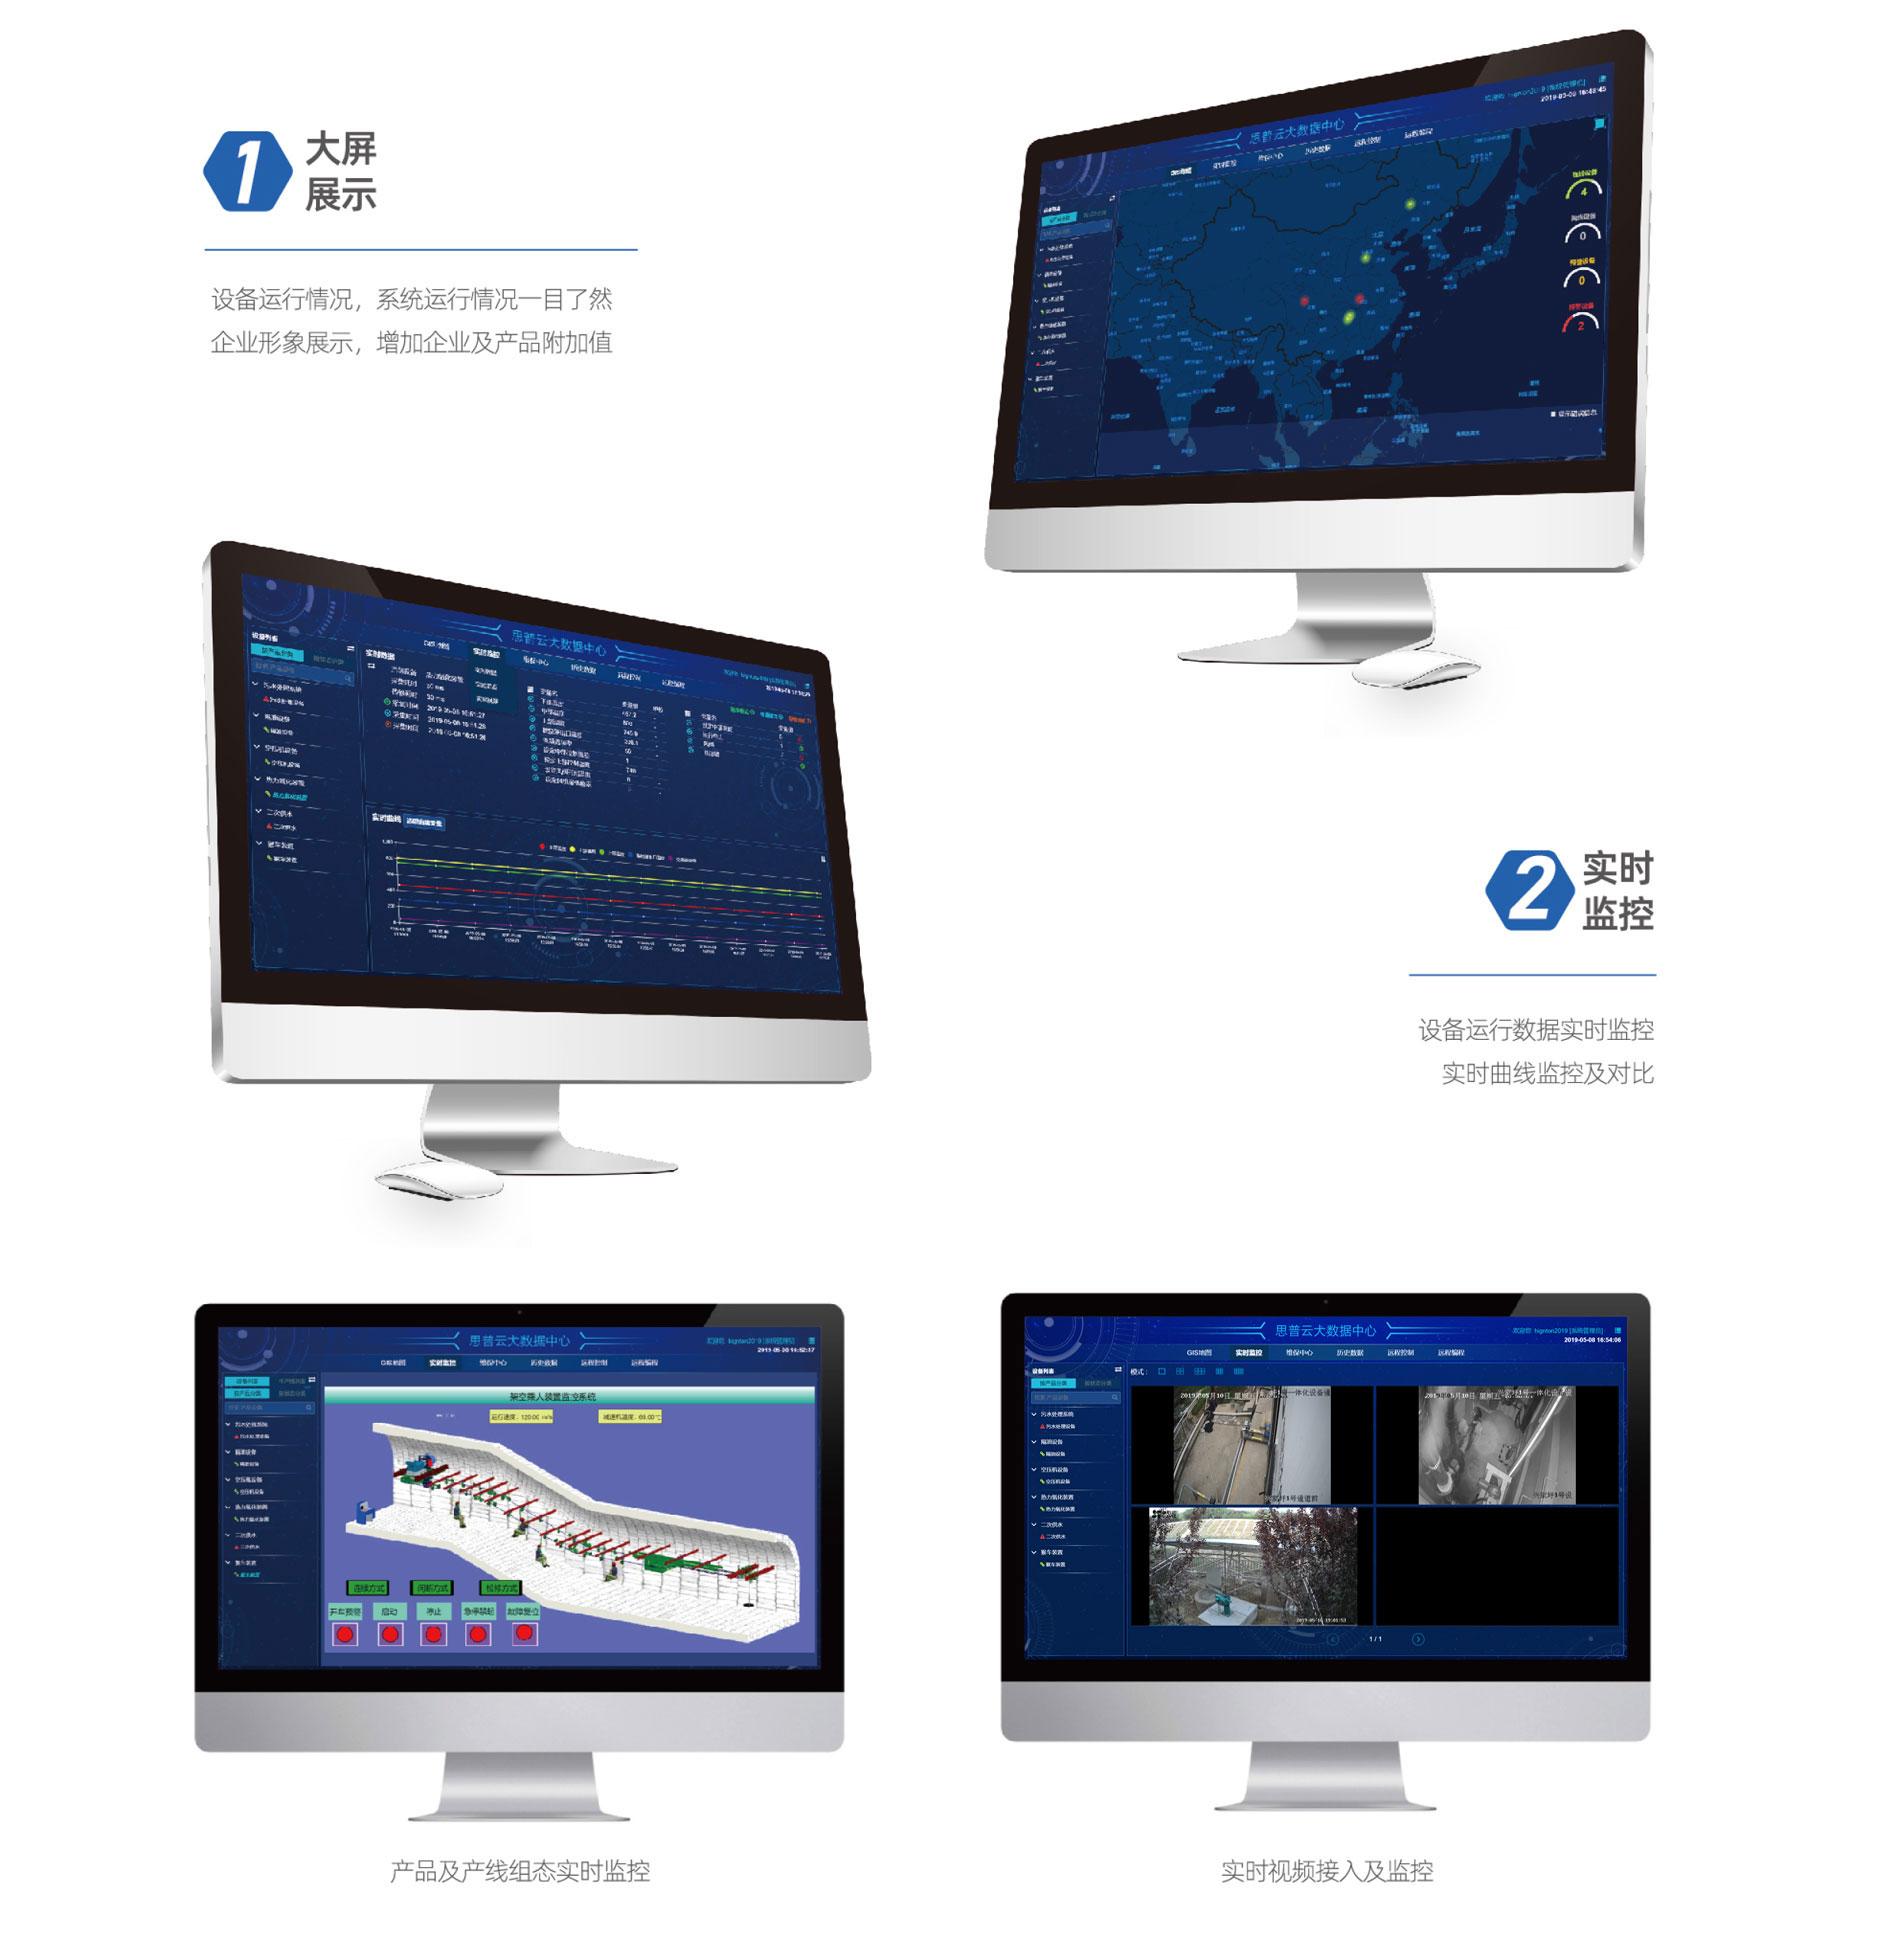 工业设备远程运维系统平台